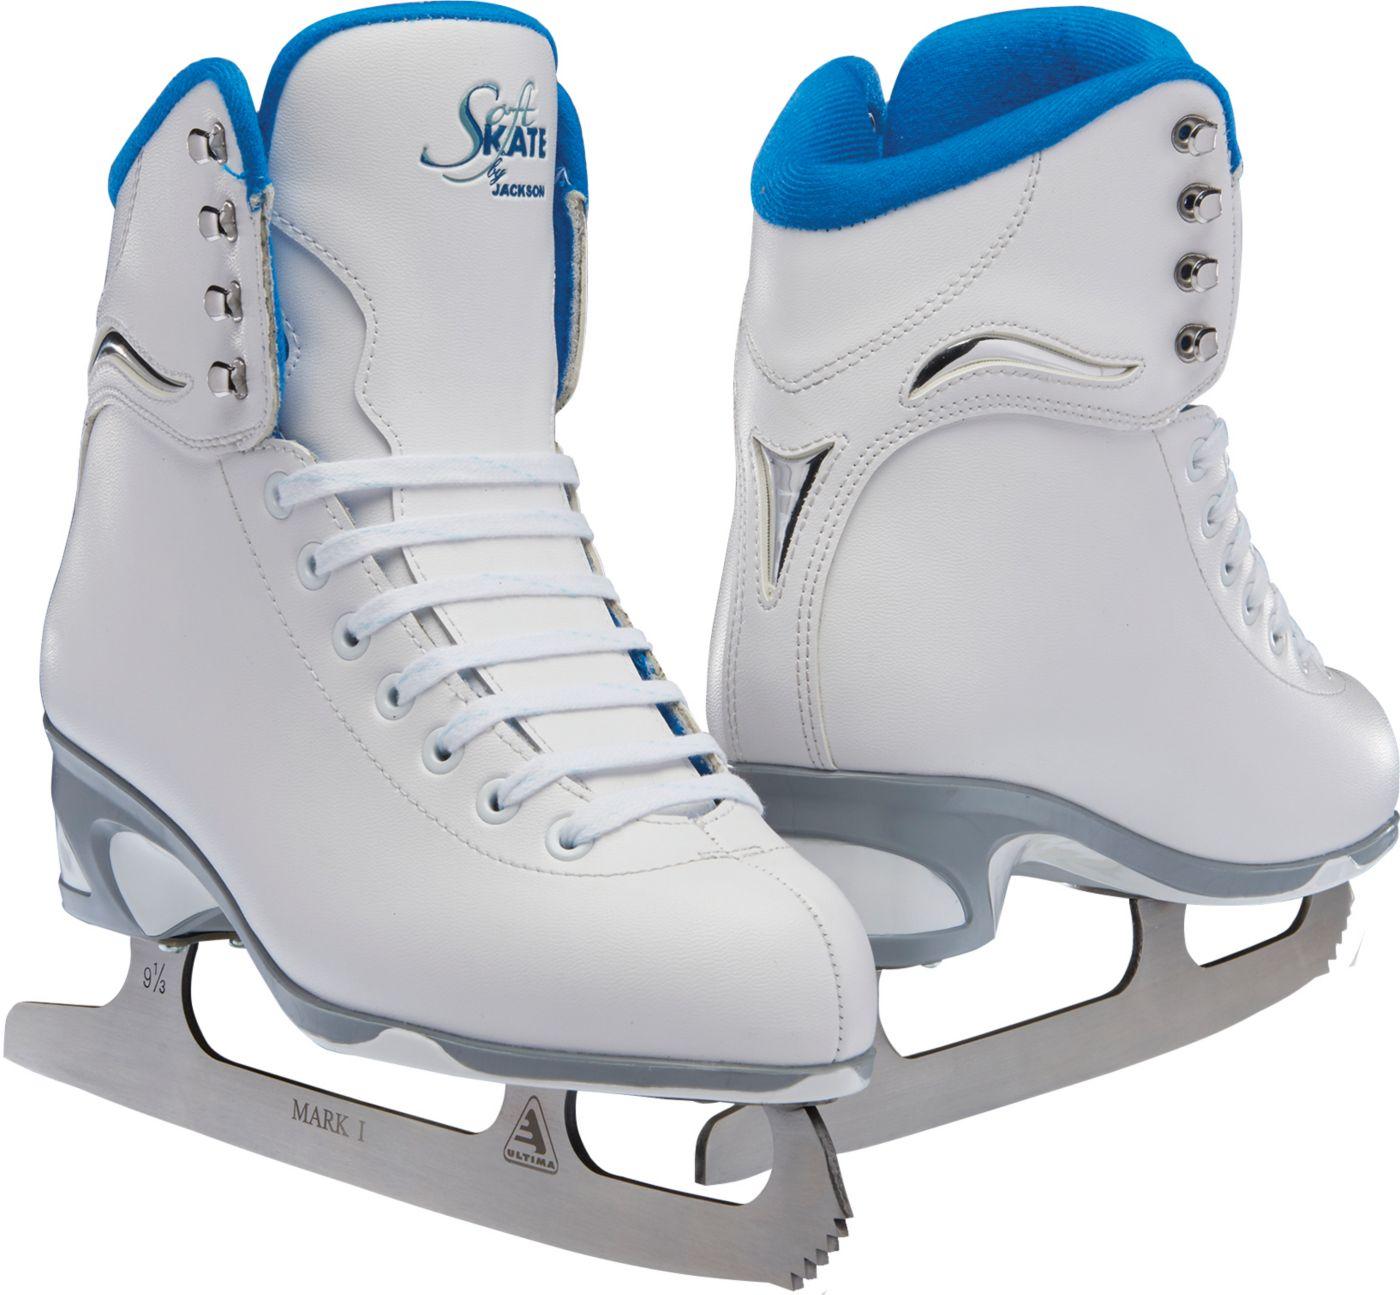 Jackson Ultima Youth SoftSkate 184 Recreational Ice Skates